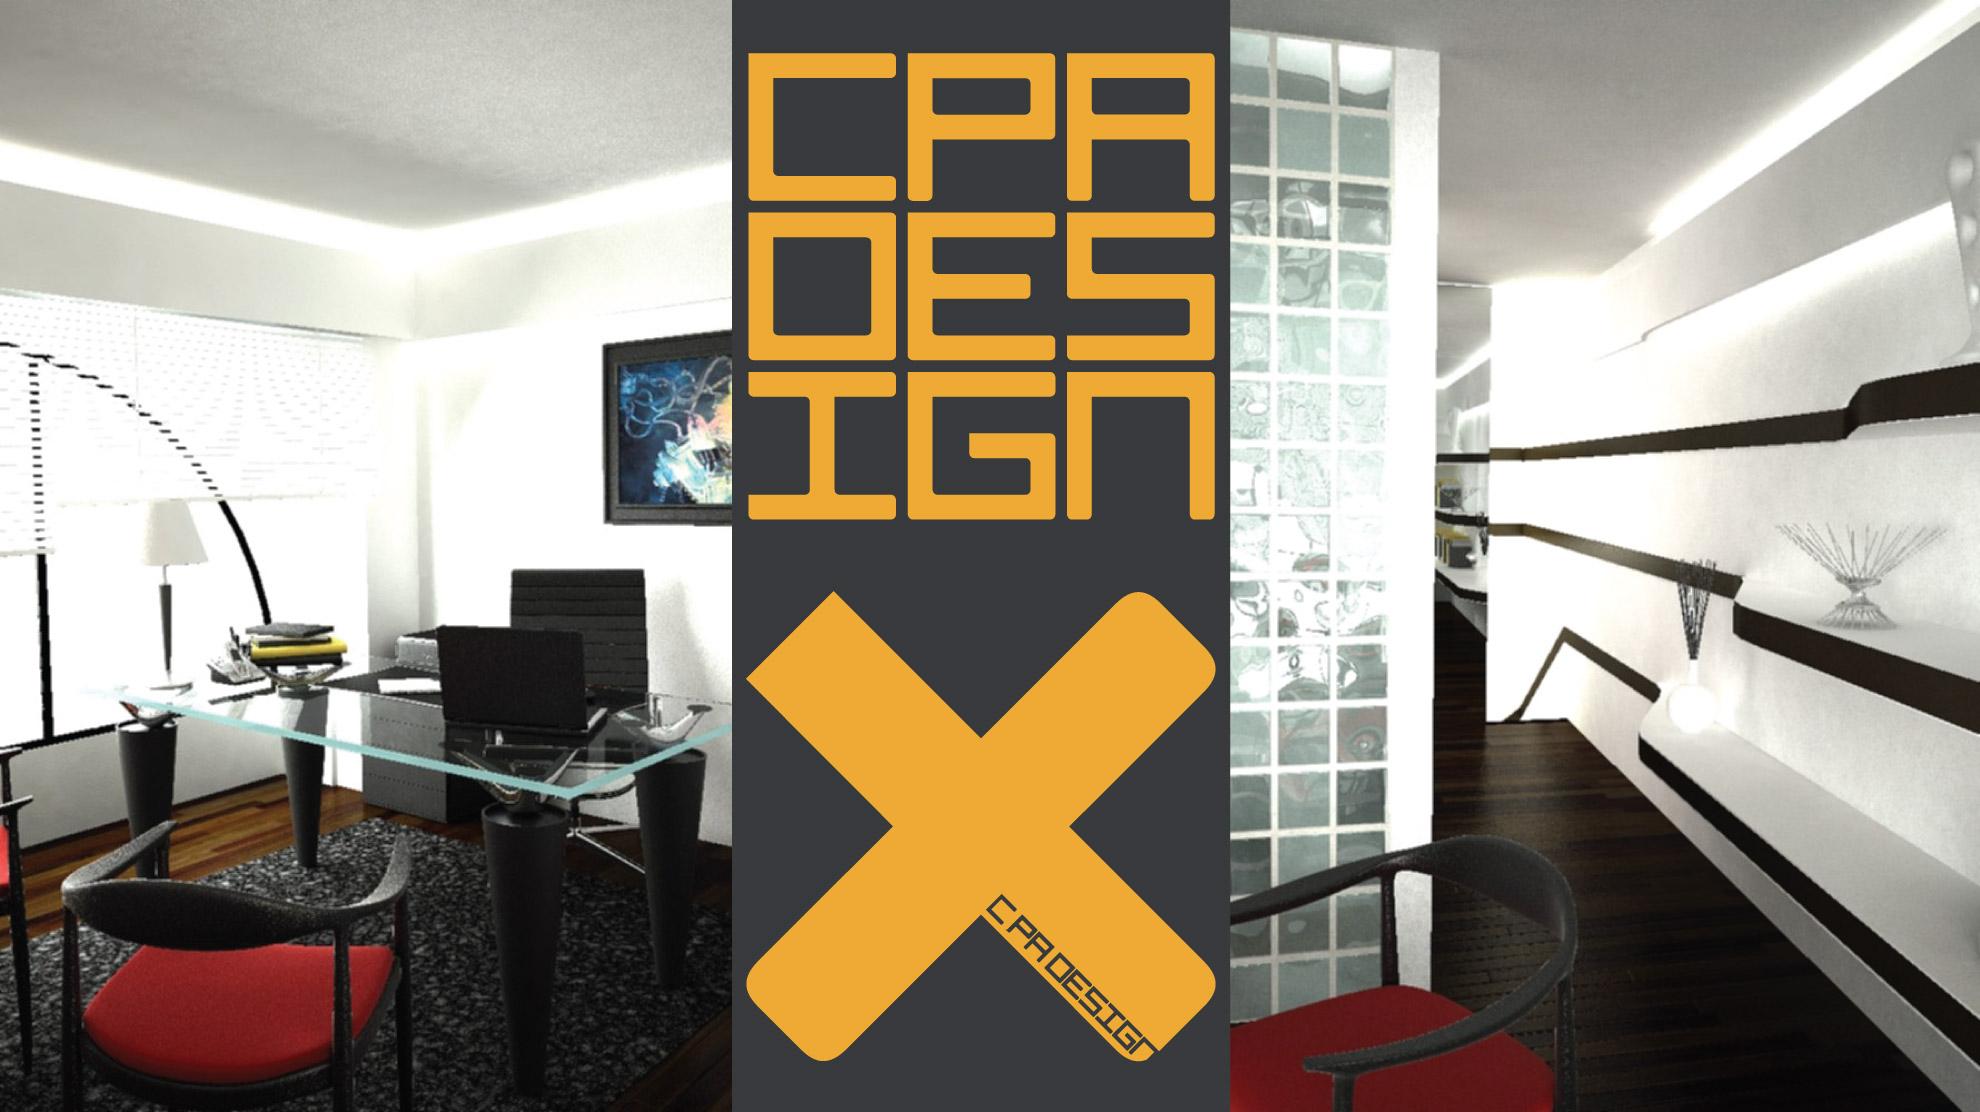 c_pa_design_produit_design_mobilier_realisation_architecture-interieure -3d